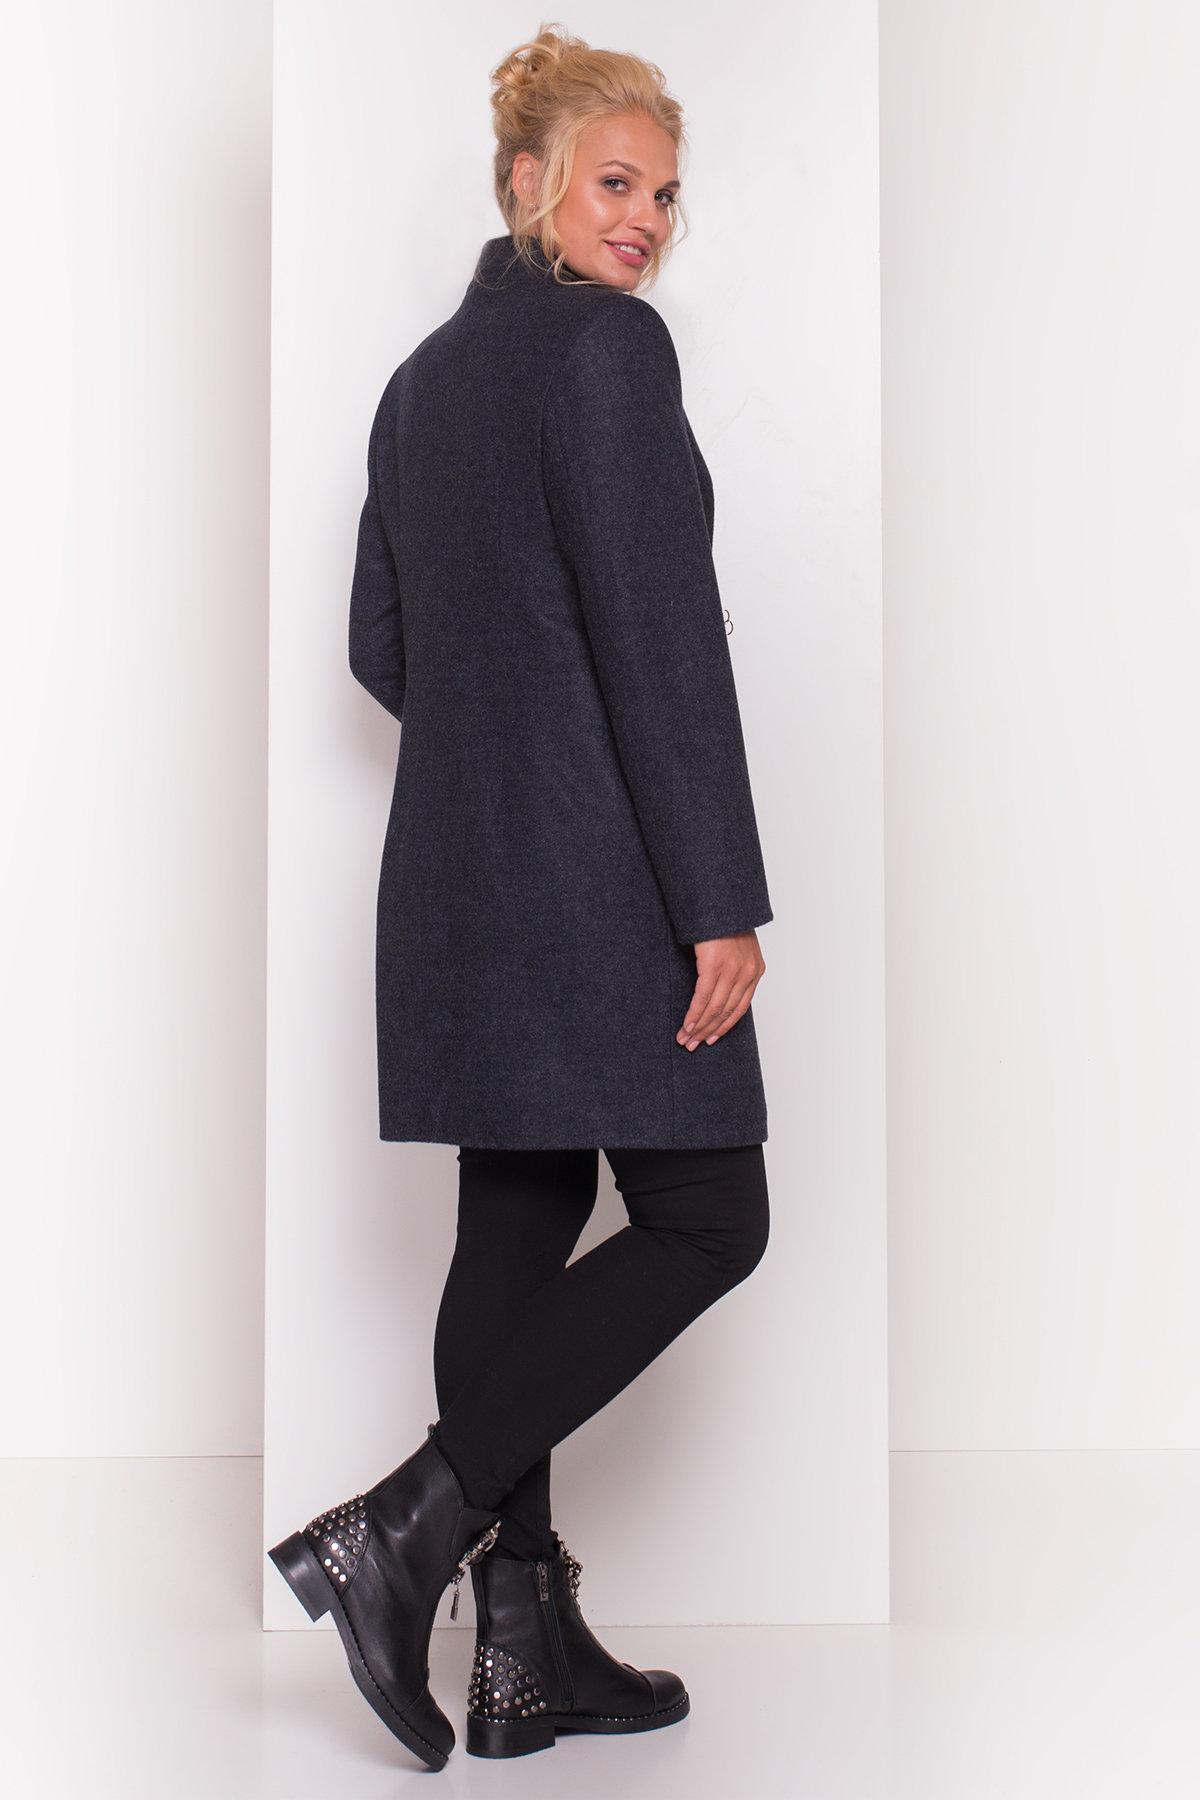 Пальто Сплит DONNA 4466 АРТ. 21354 Цвет: Темно-синий - фото 4, интернет магазин tm-modus.ru